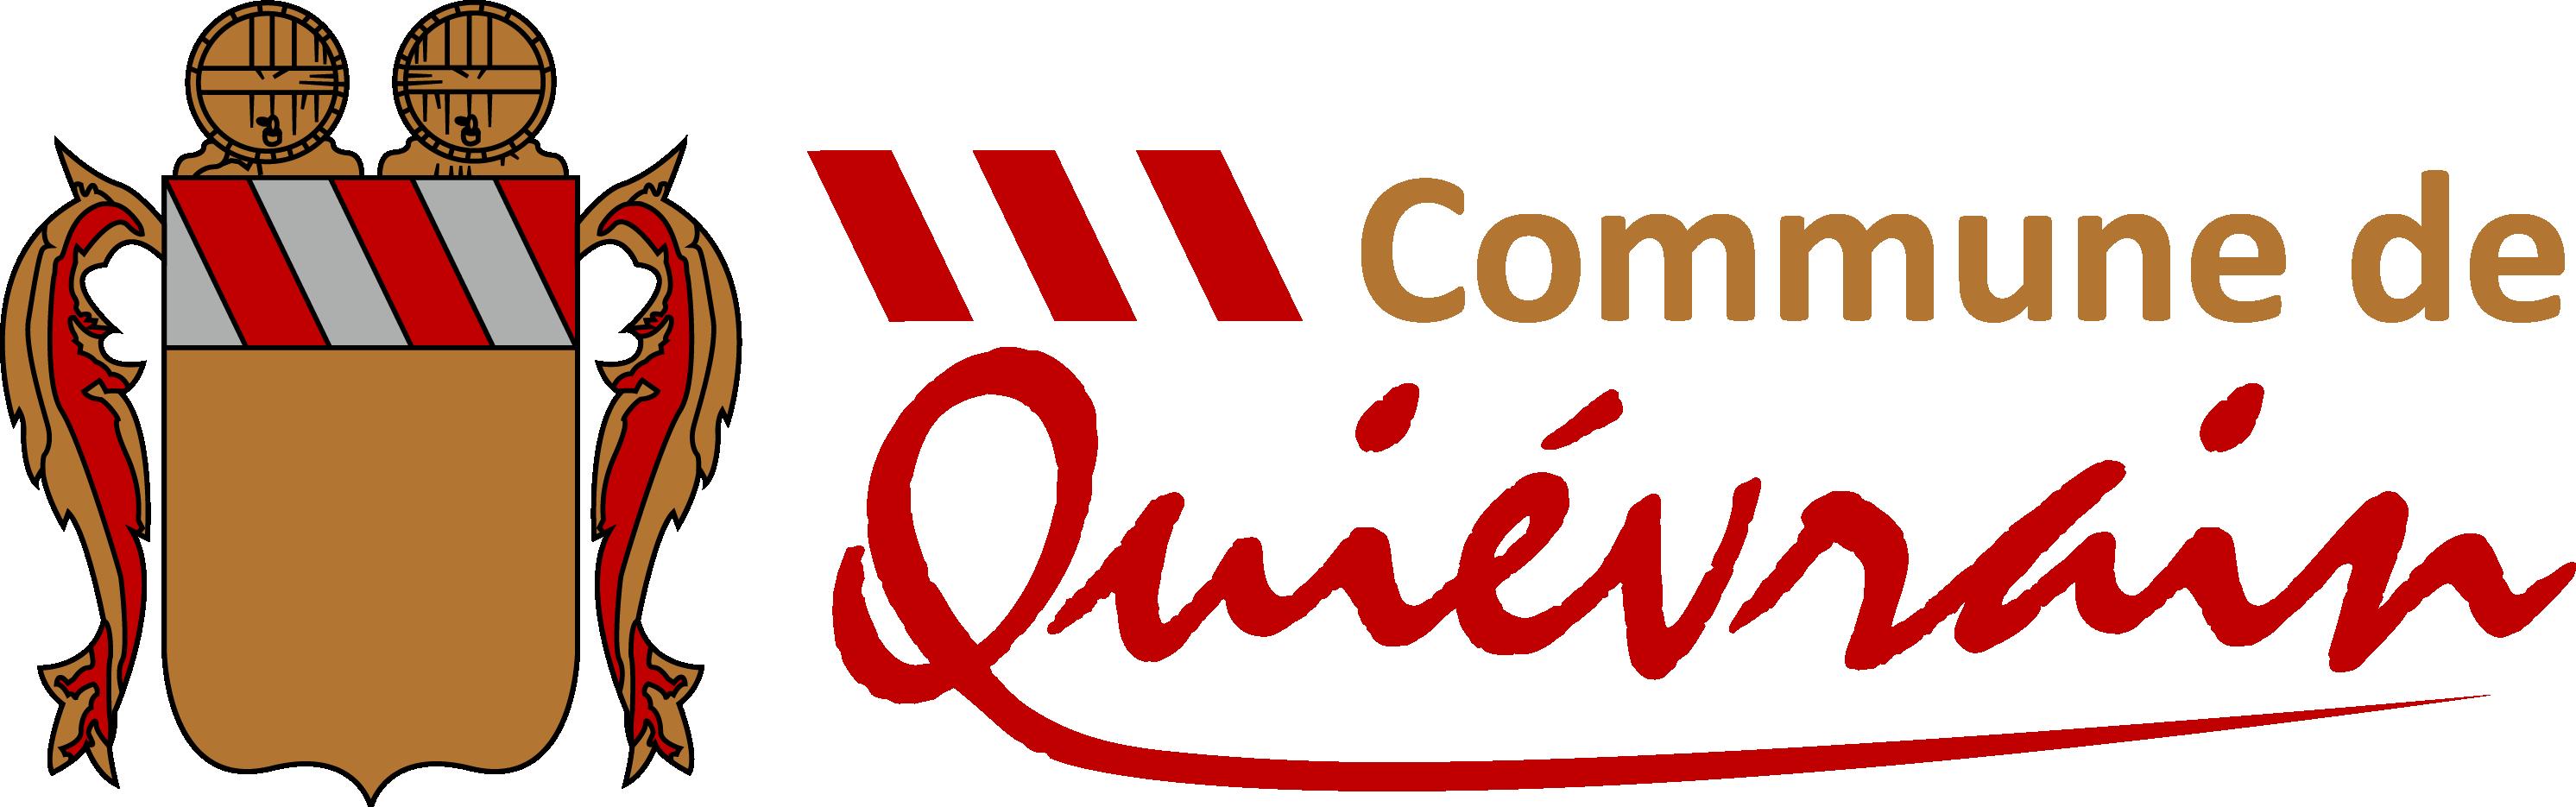 Commune de Quiévrain